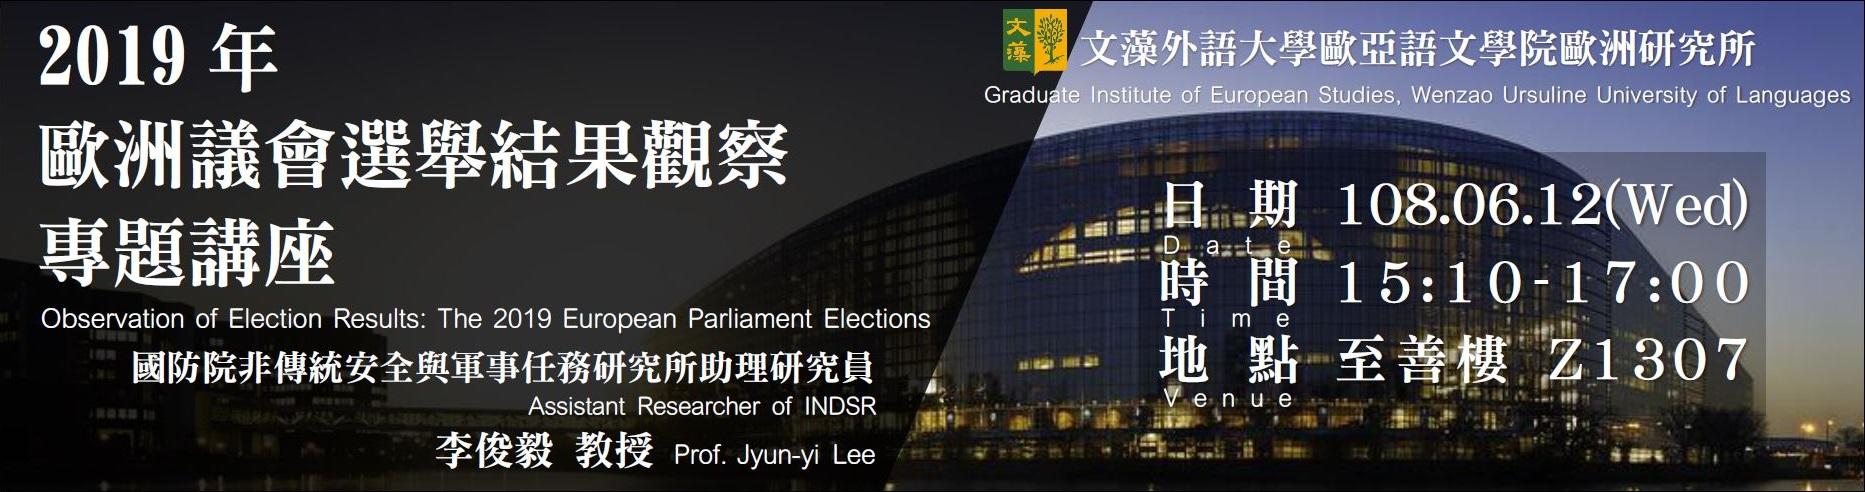 2019年歐洲議會選舉結果觀察專題講座(另開新視窗)